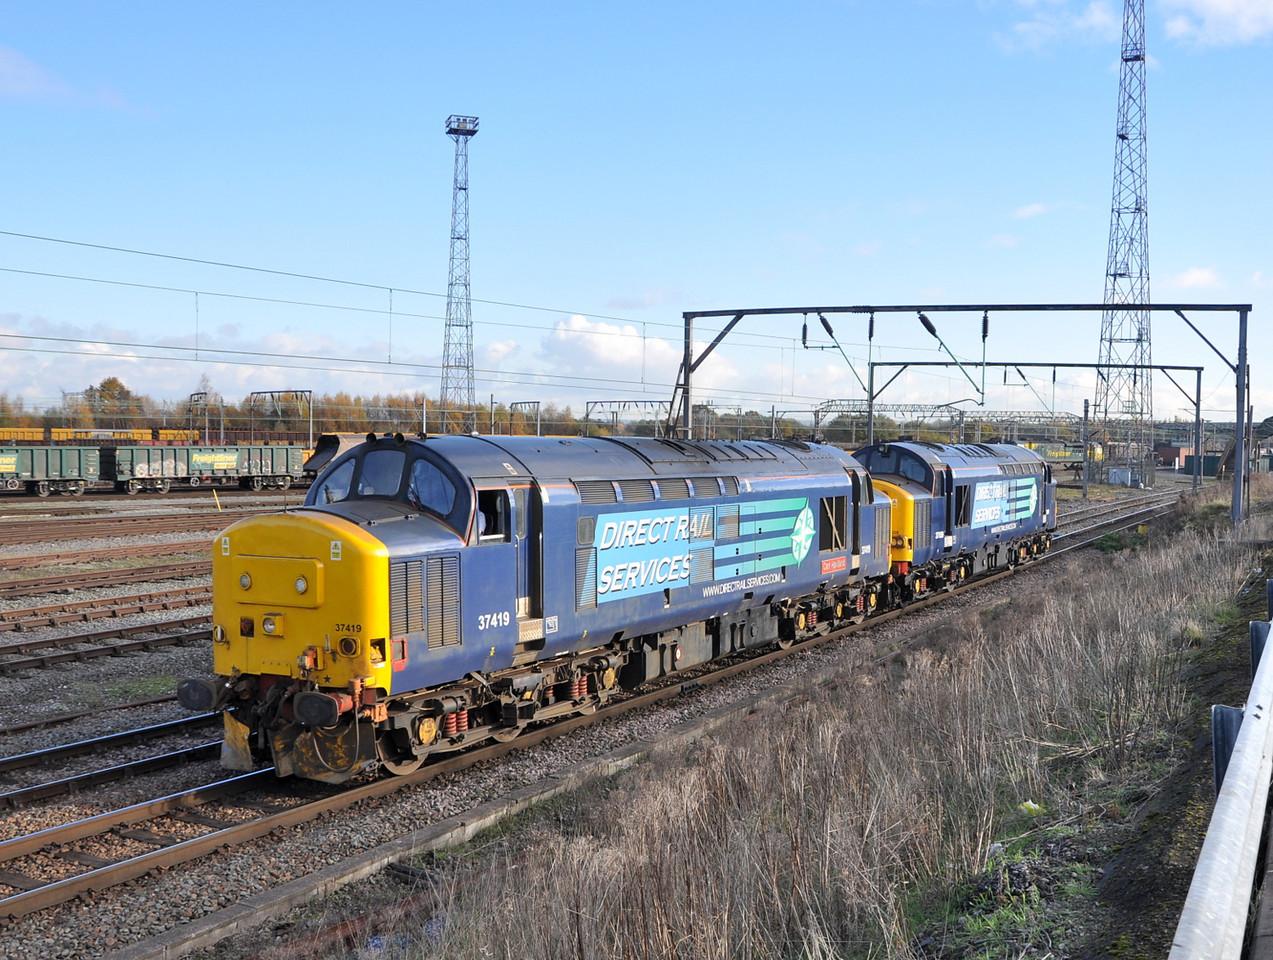 37419 and 37059, Crewe Basford Hall. 22/11/13.